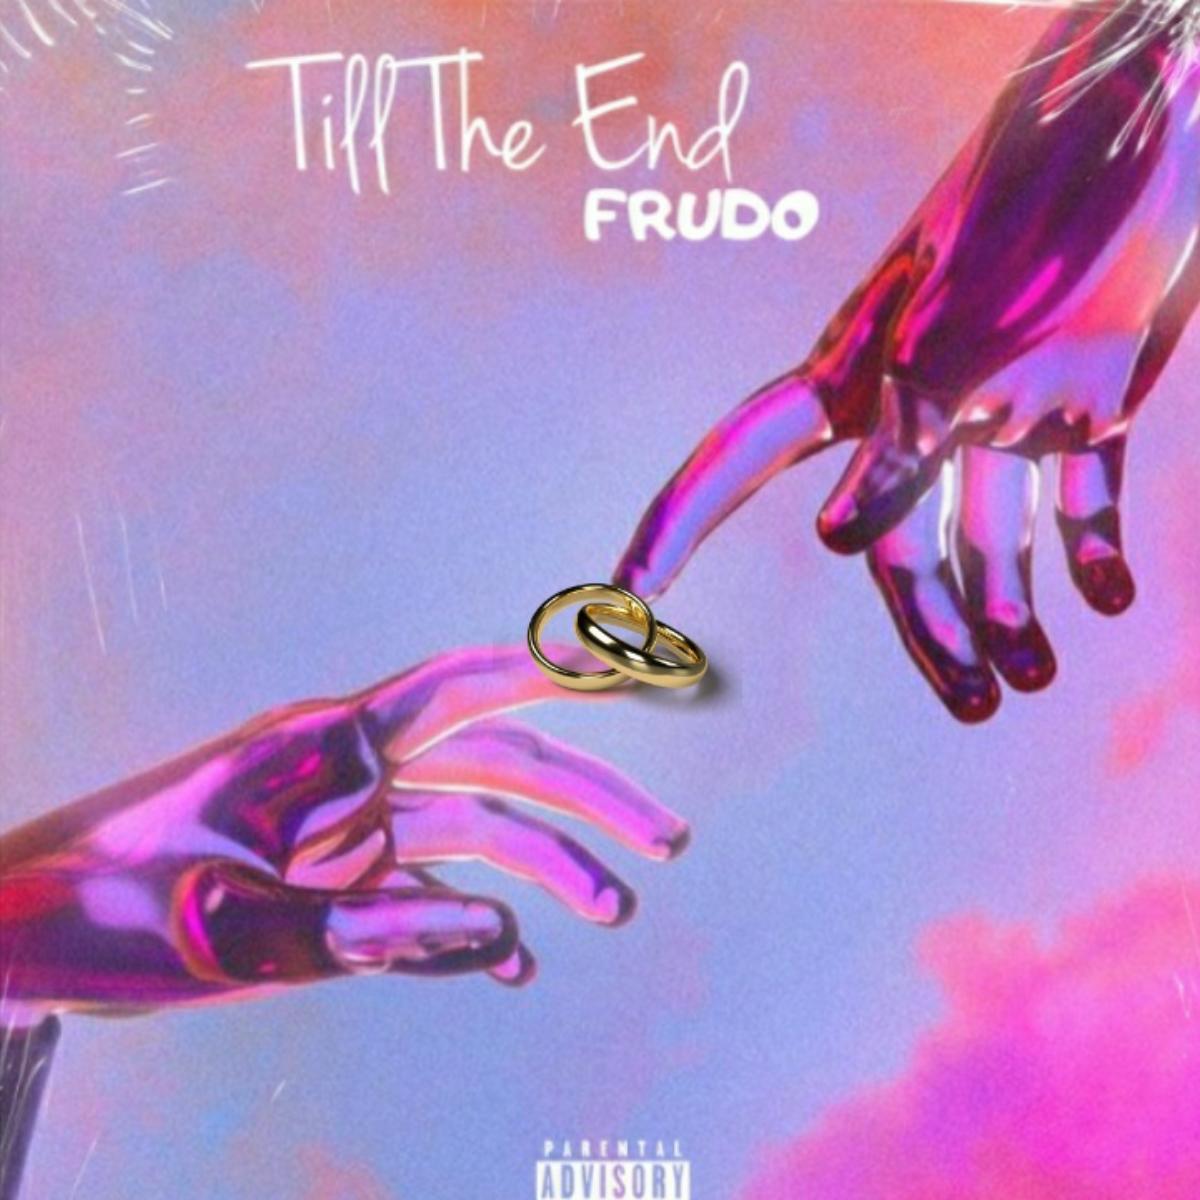 Frudo - Till The End 17